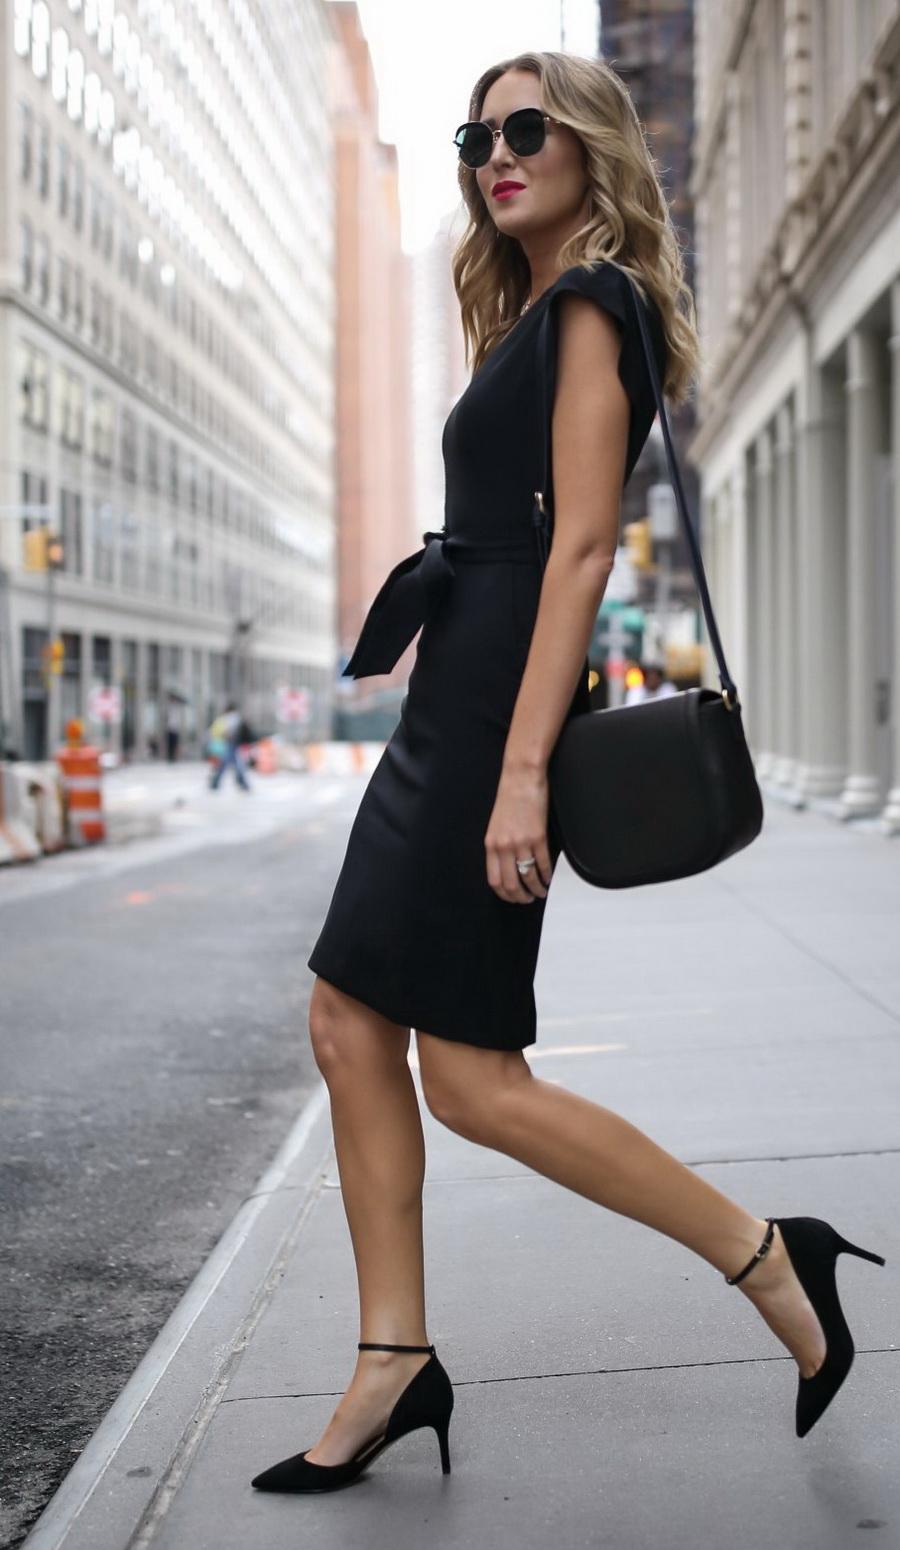 офисное платье и туфли на шпильке